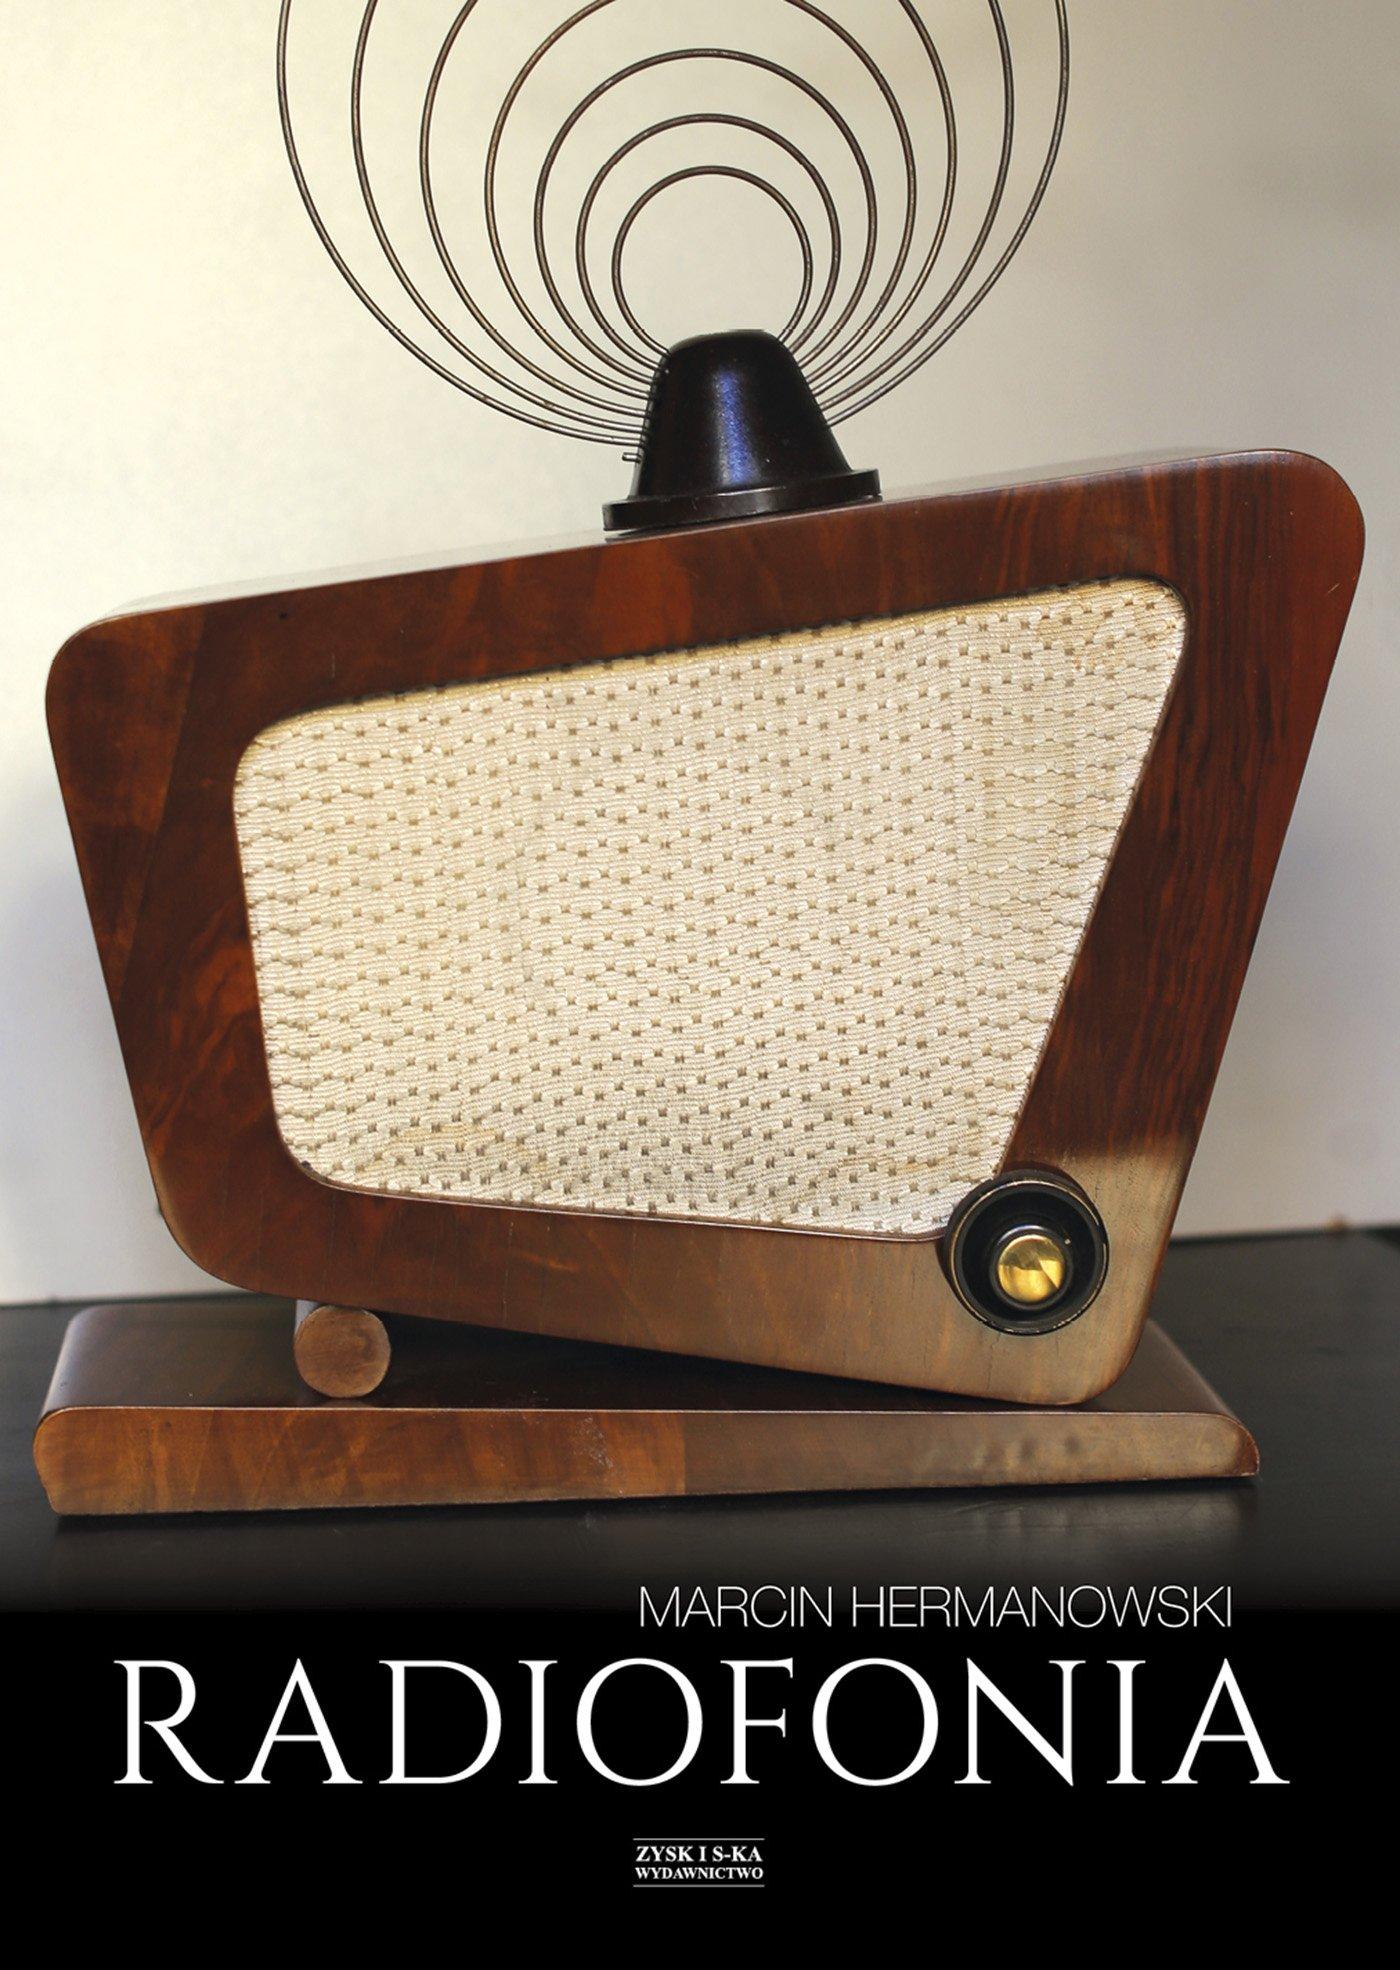 Radiofonia w Polsce. Zarys dziejów - Ebook (Książka na Kindle) do pobrania w formacie MOBI